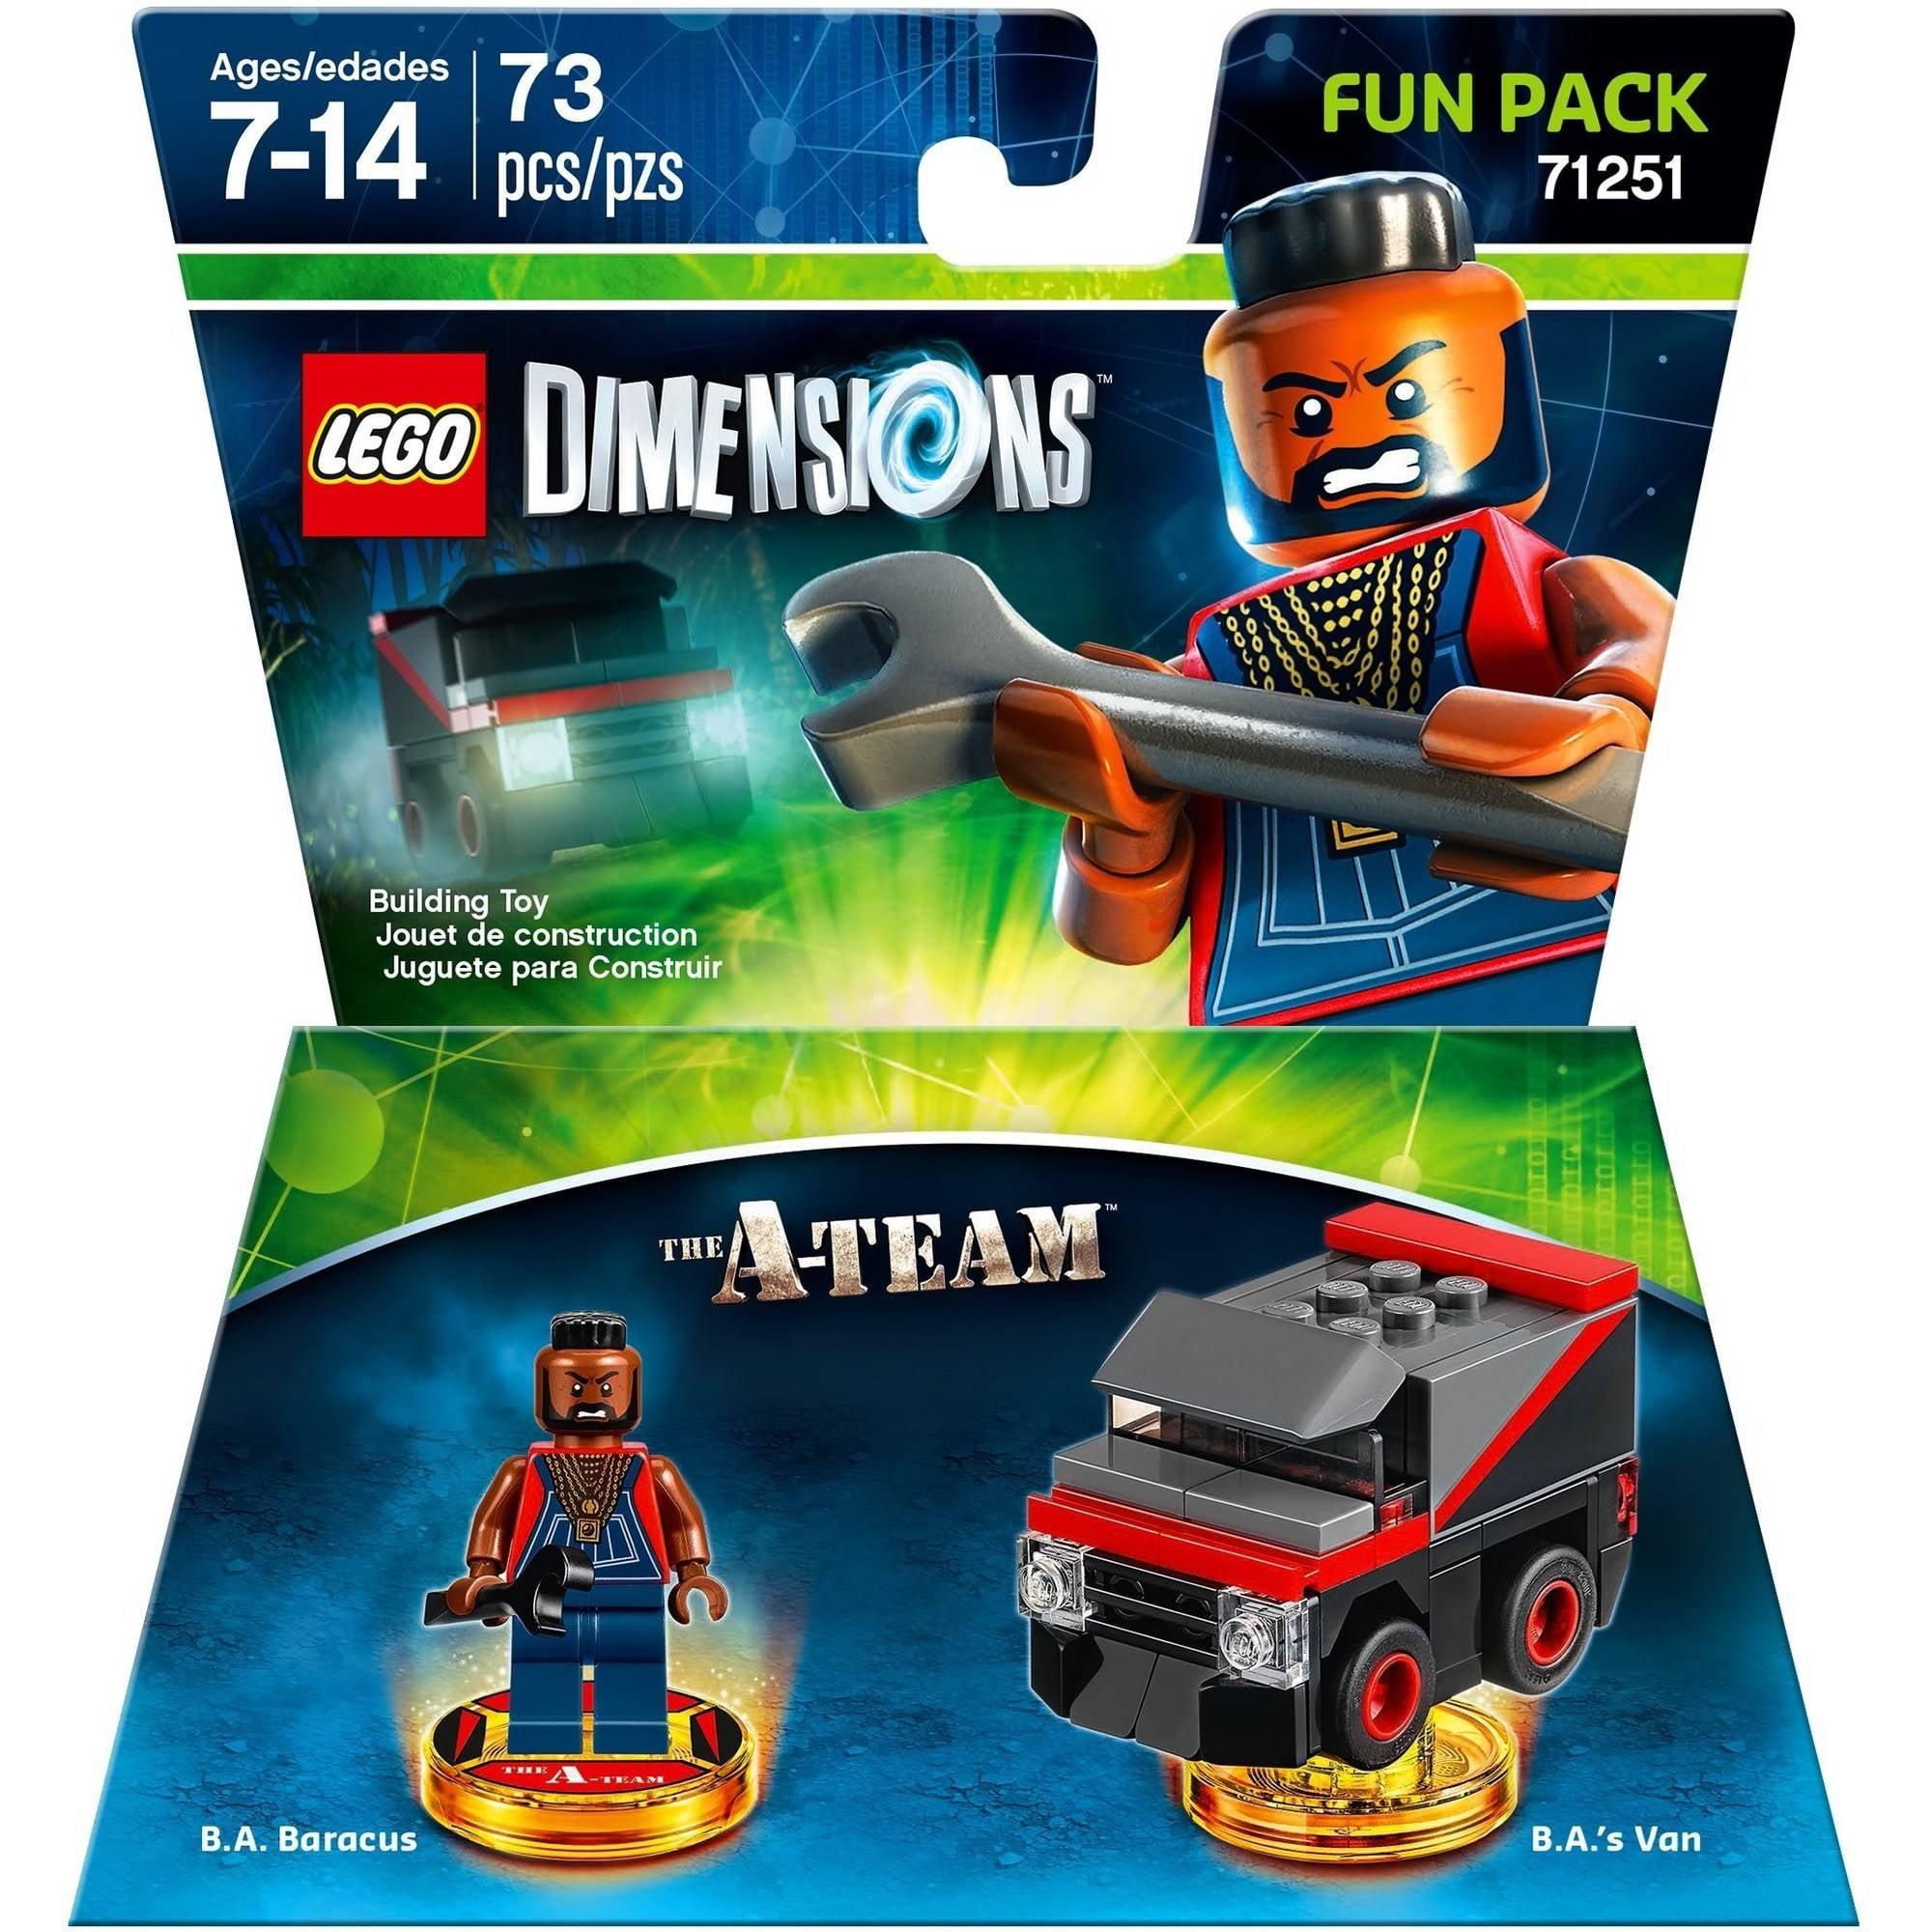 LEGO Dimensions 'A' Team Fun Pack